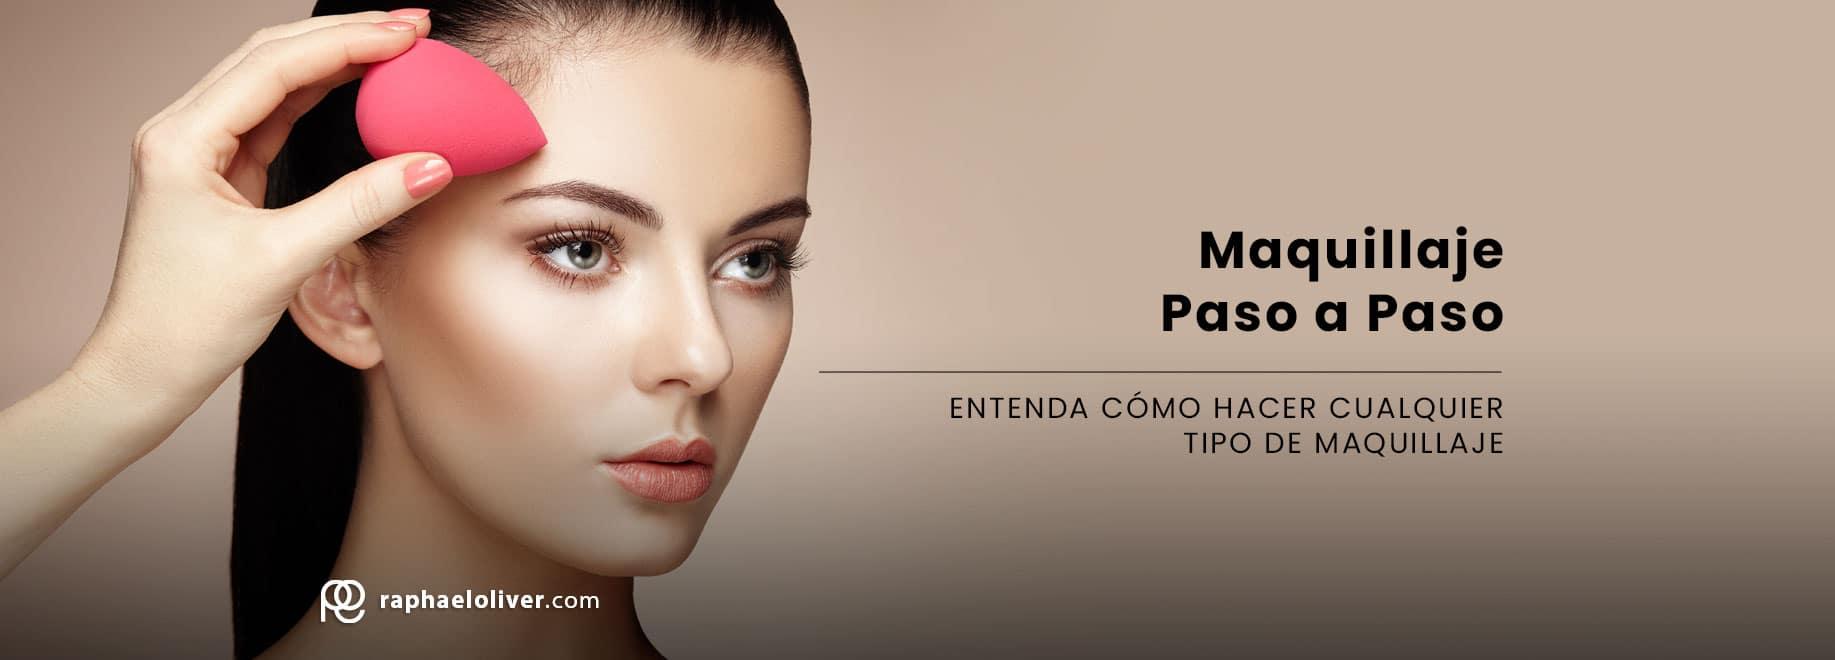 Maquillaje paso a paso: comprende como hacer qualquer maquillaje